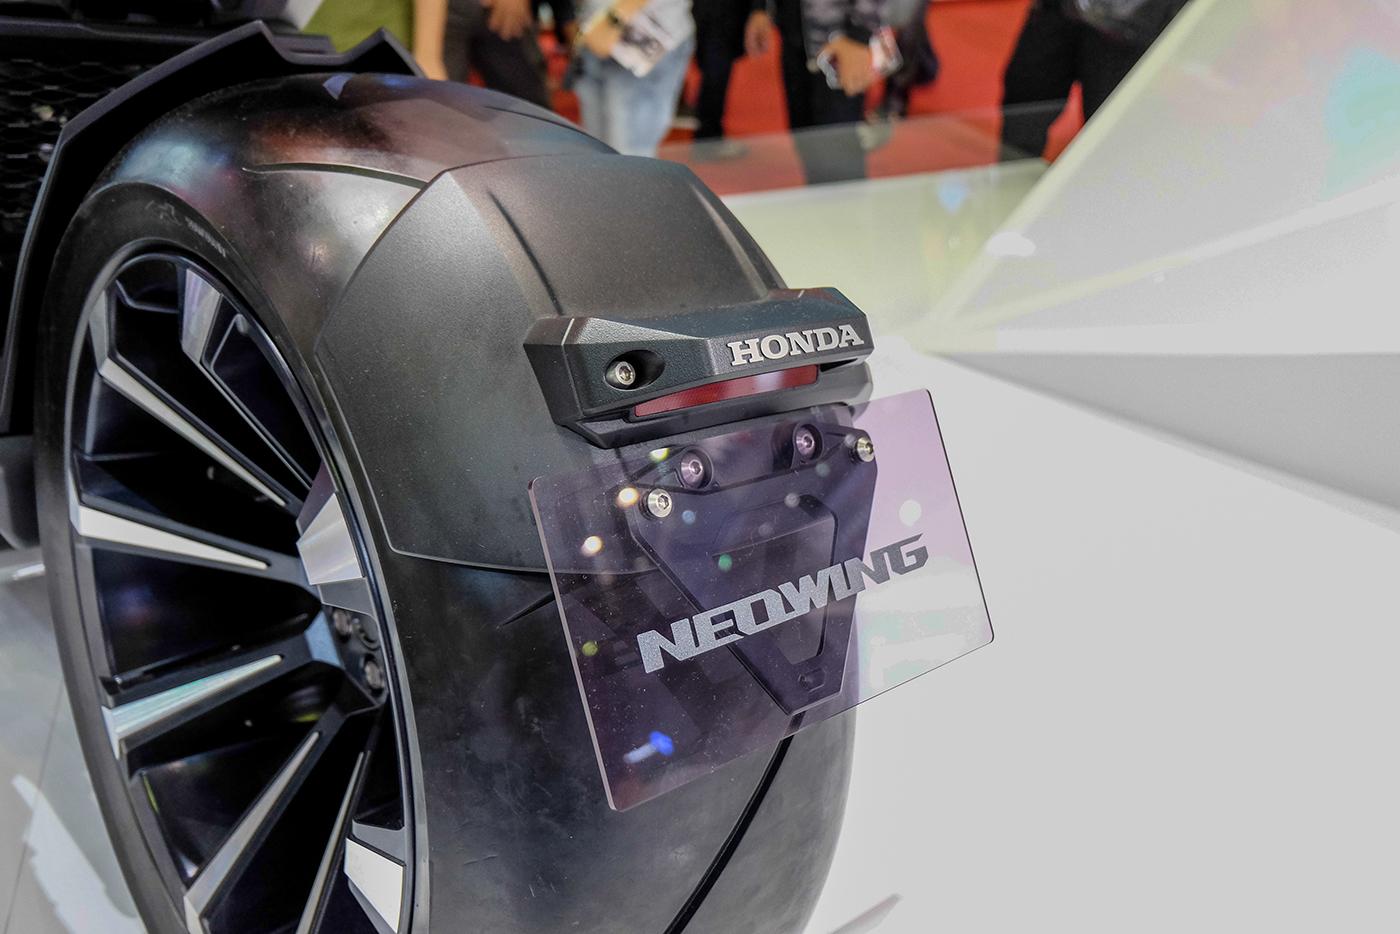 honda-neo-wing-7.jpg